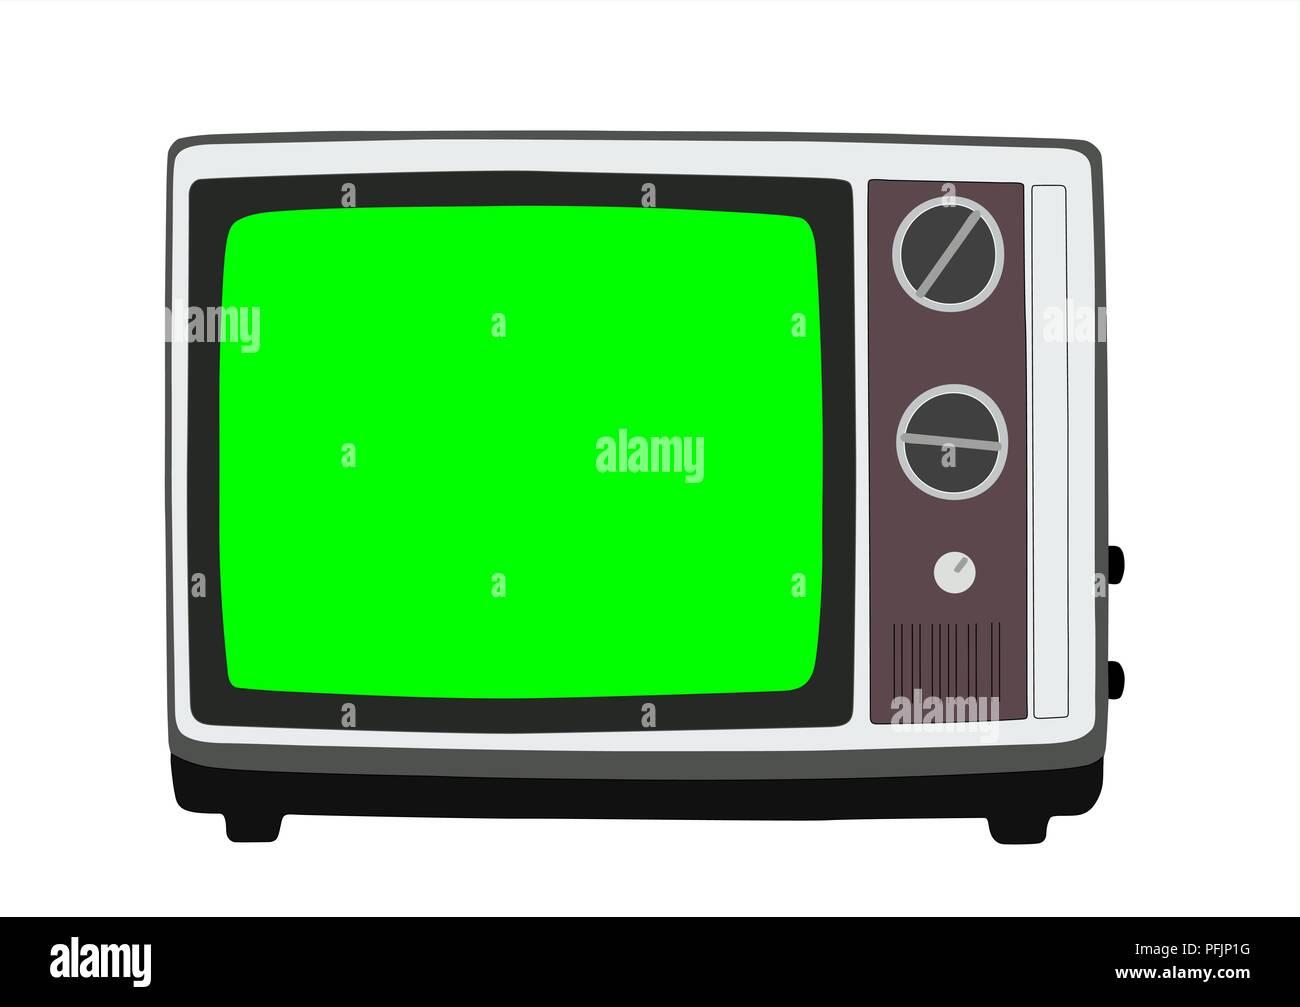 Vintage degli anni settanta televisione portatile illustrazione vettoriale con chroma key green screen. Immagini Stock